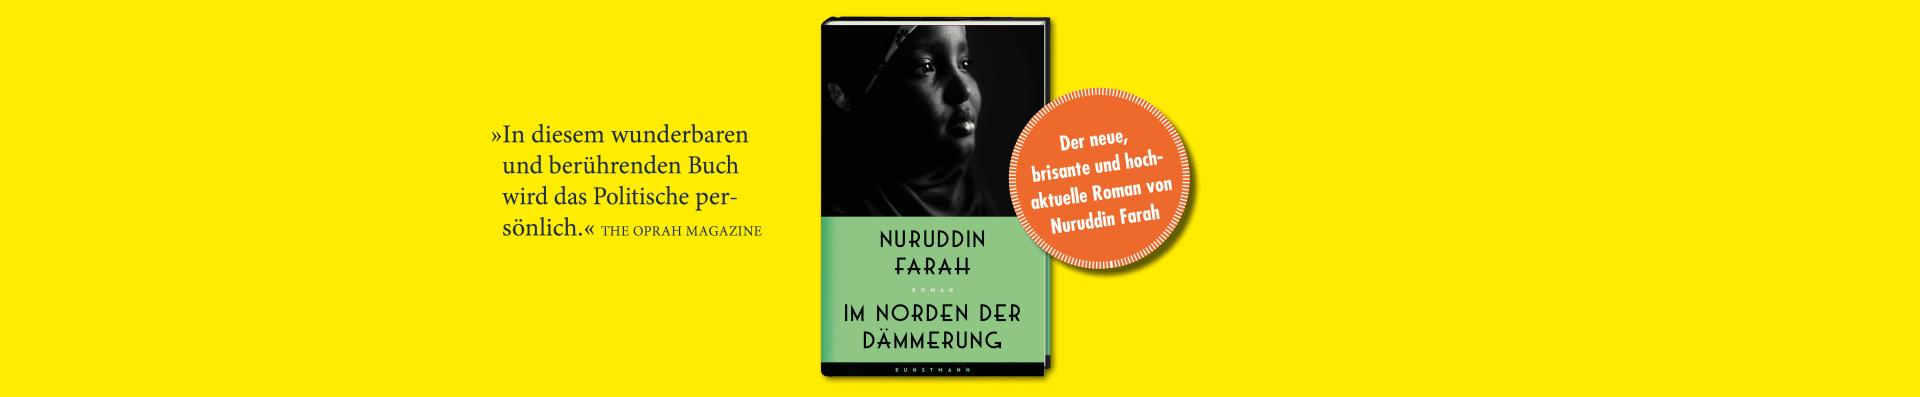 Nuruddin Farah – Im Norden der Dämmerung